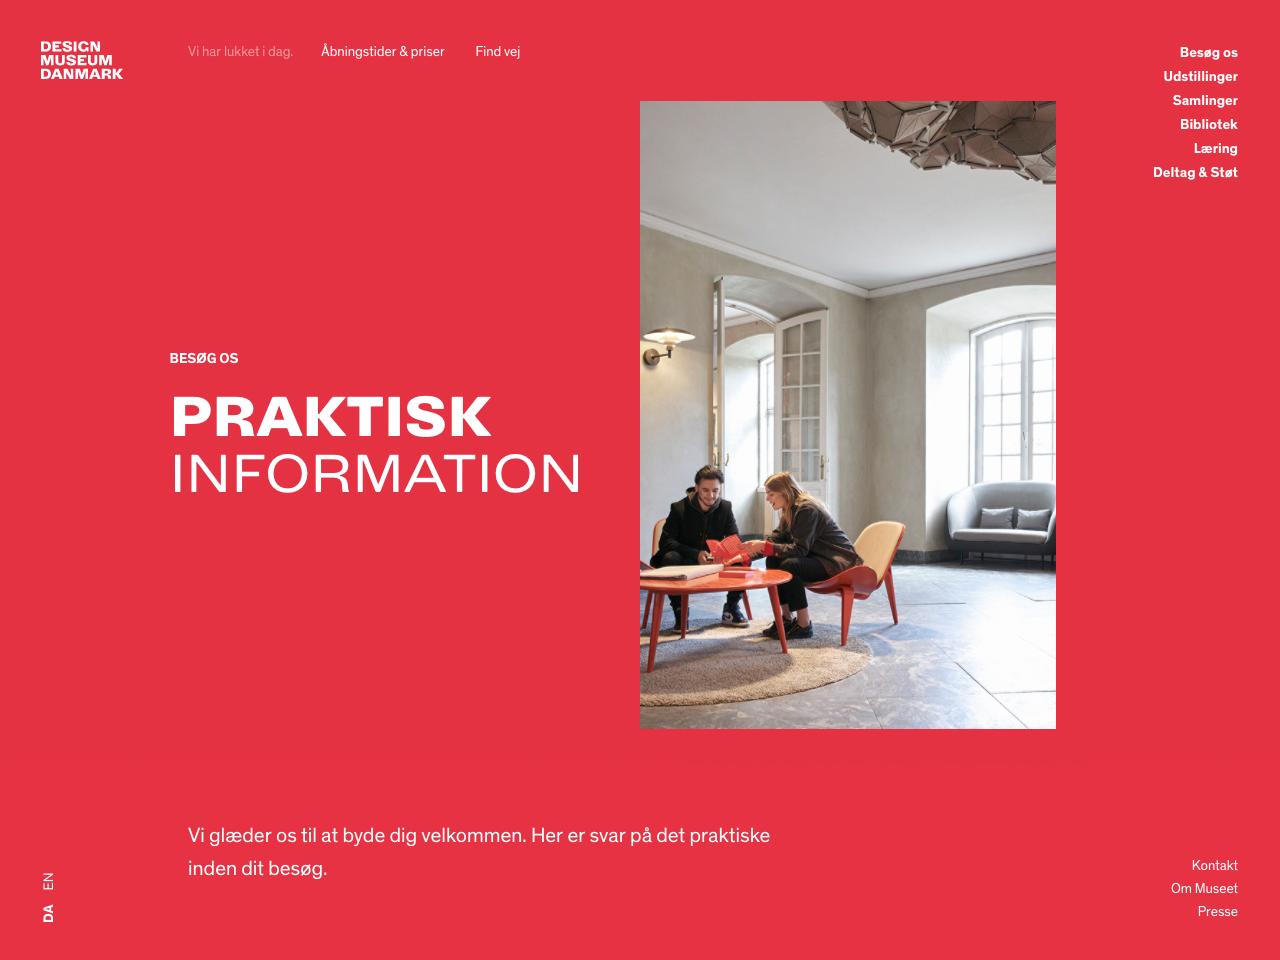 dansk design museum åbningstider